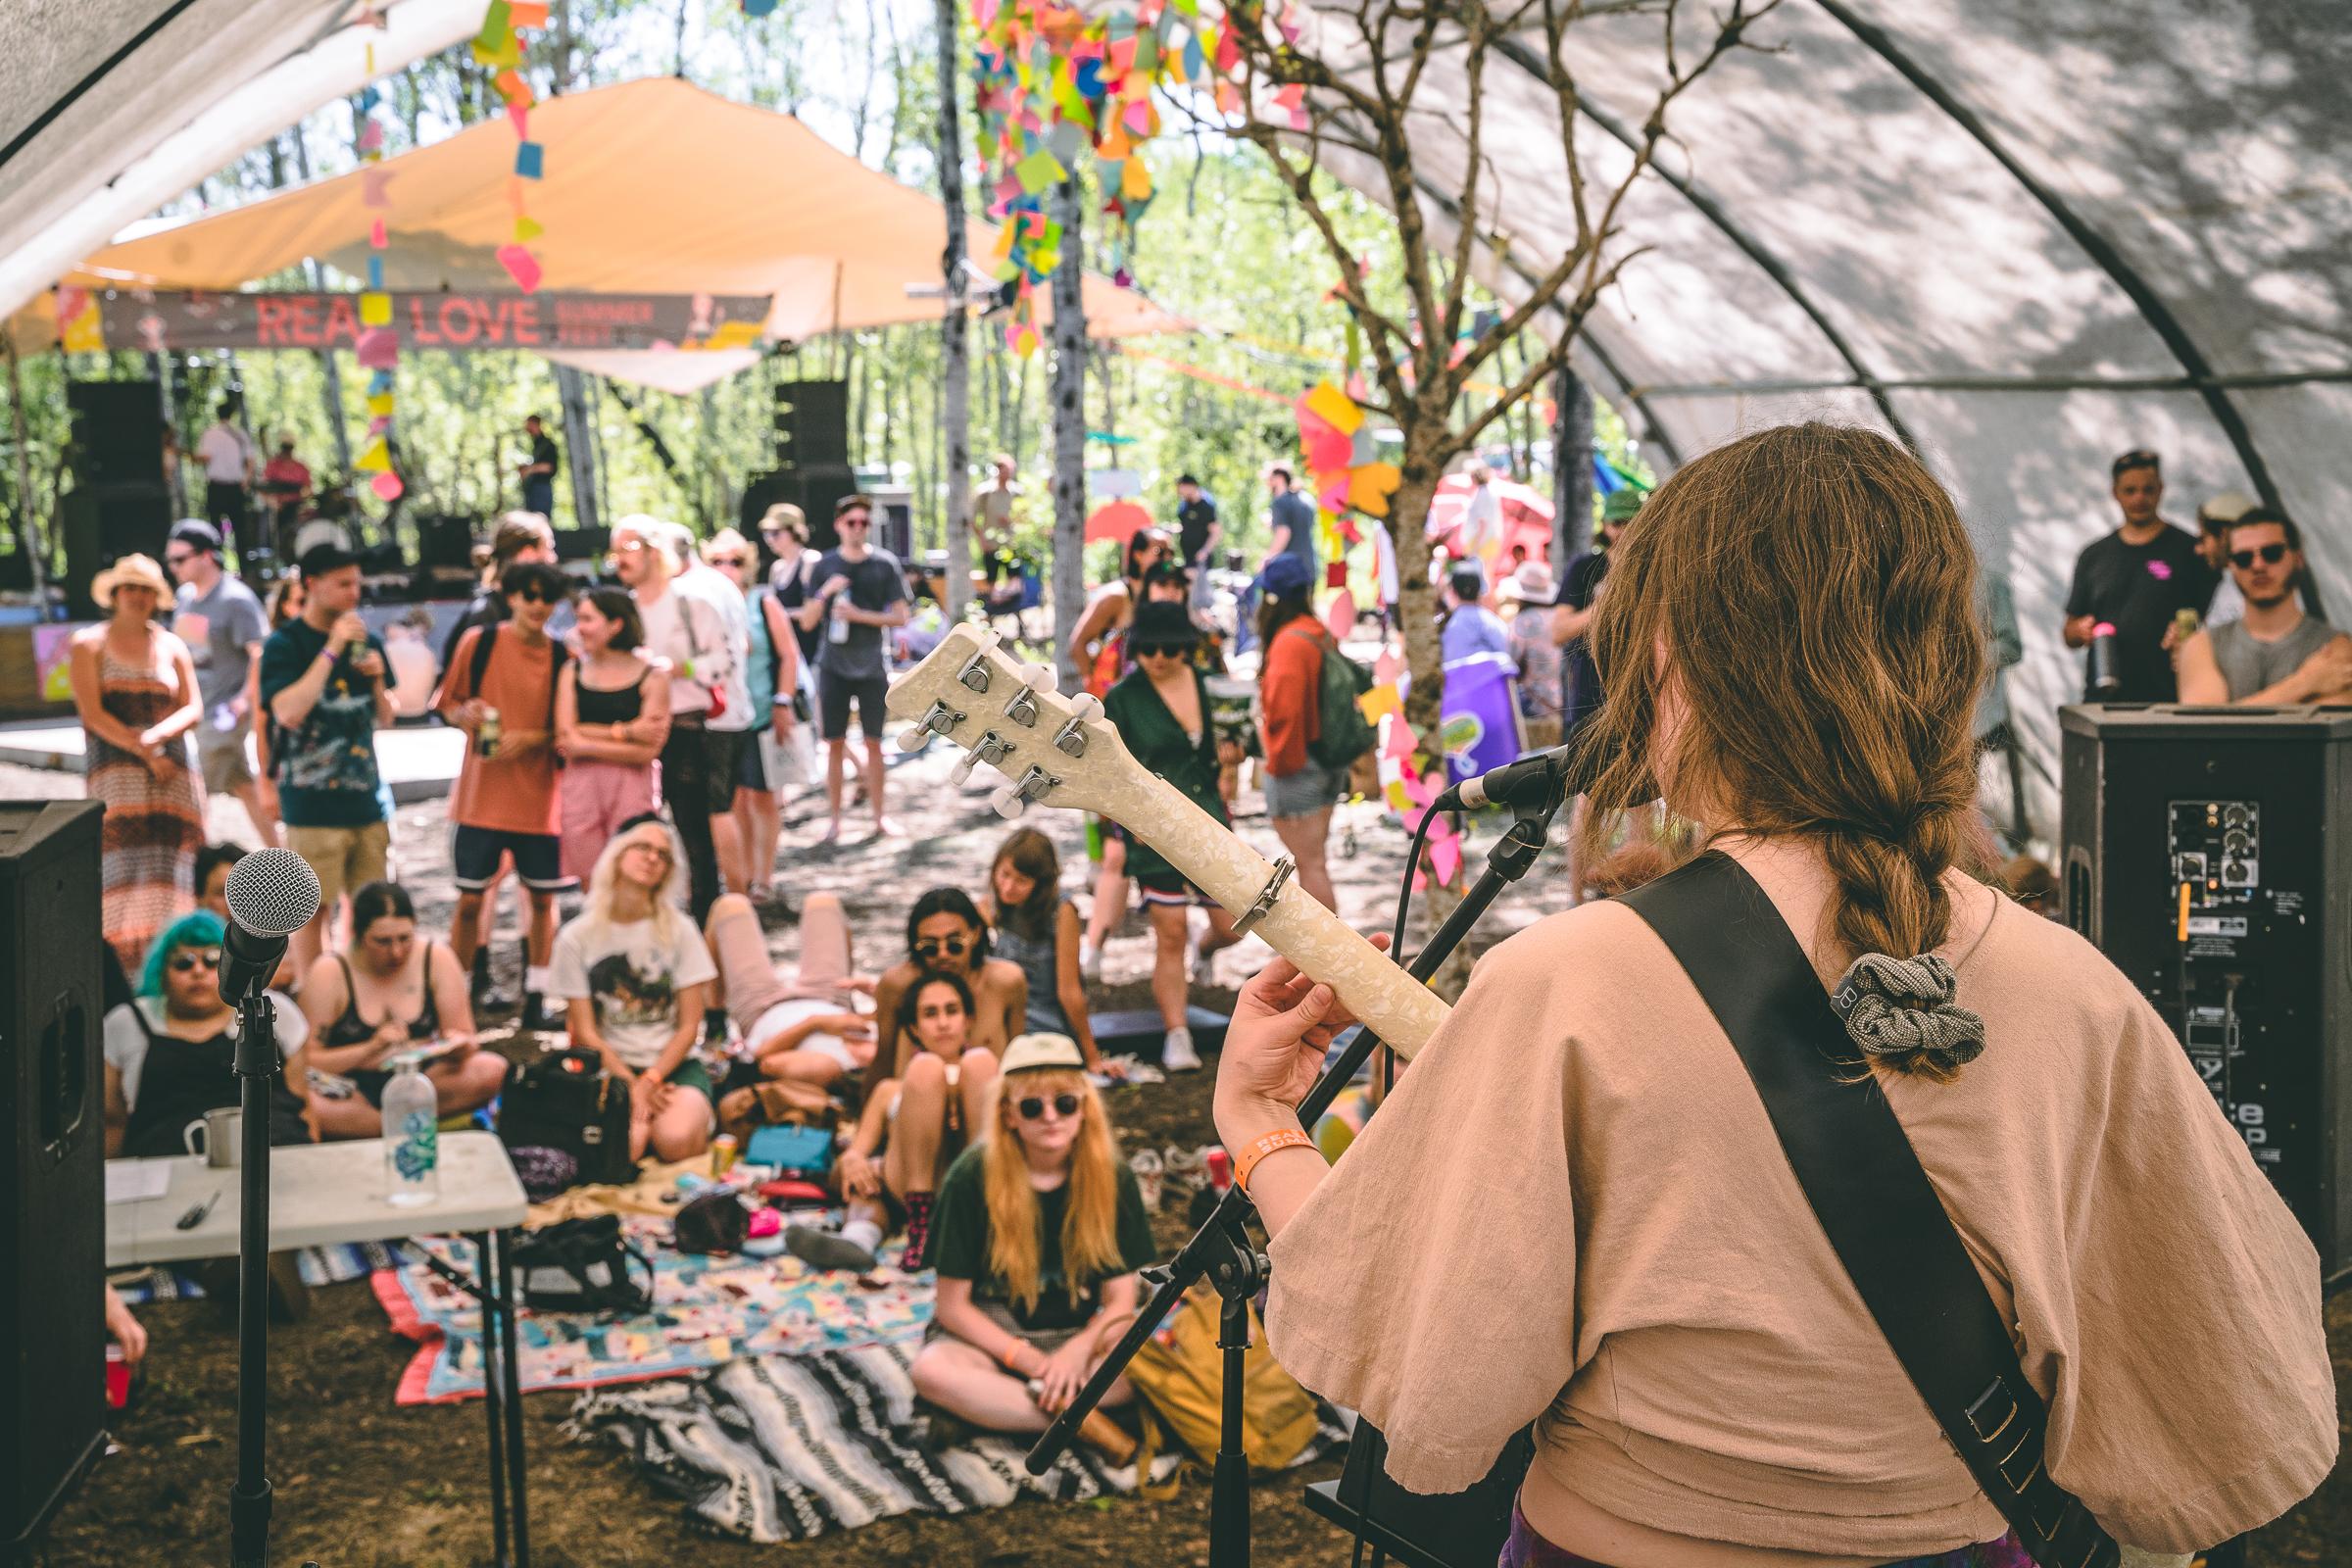 Real Love Summer Fest 2019 – Ygretts – photo by Matt Kleisinger @kleistea